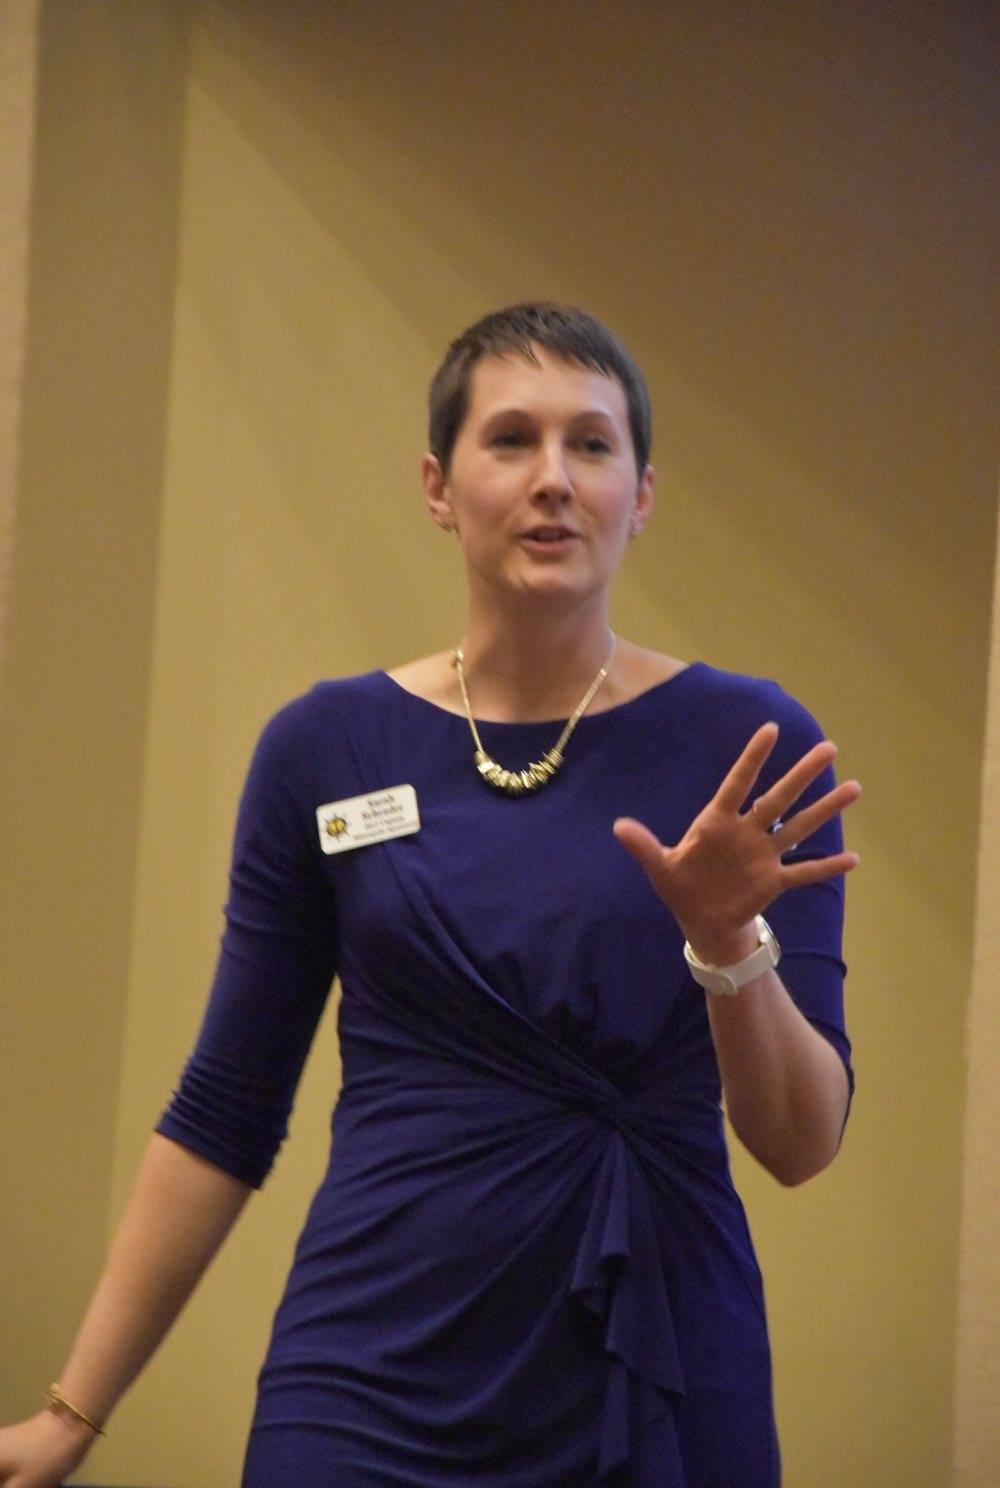 Sarah Schrader public speaker